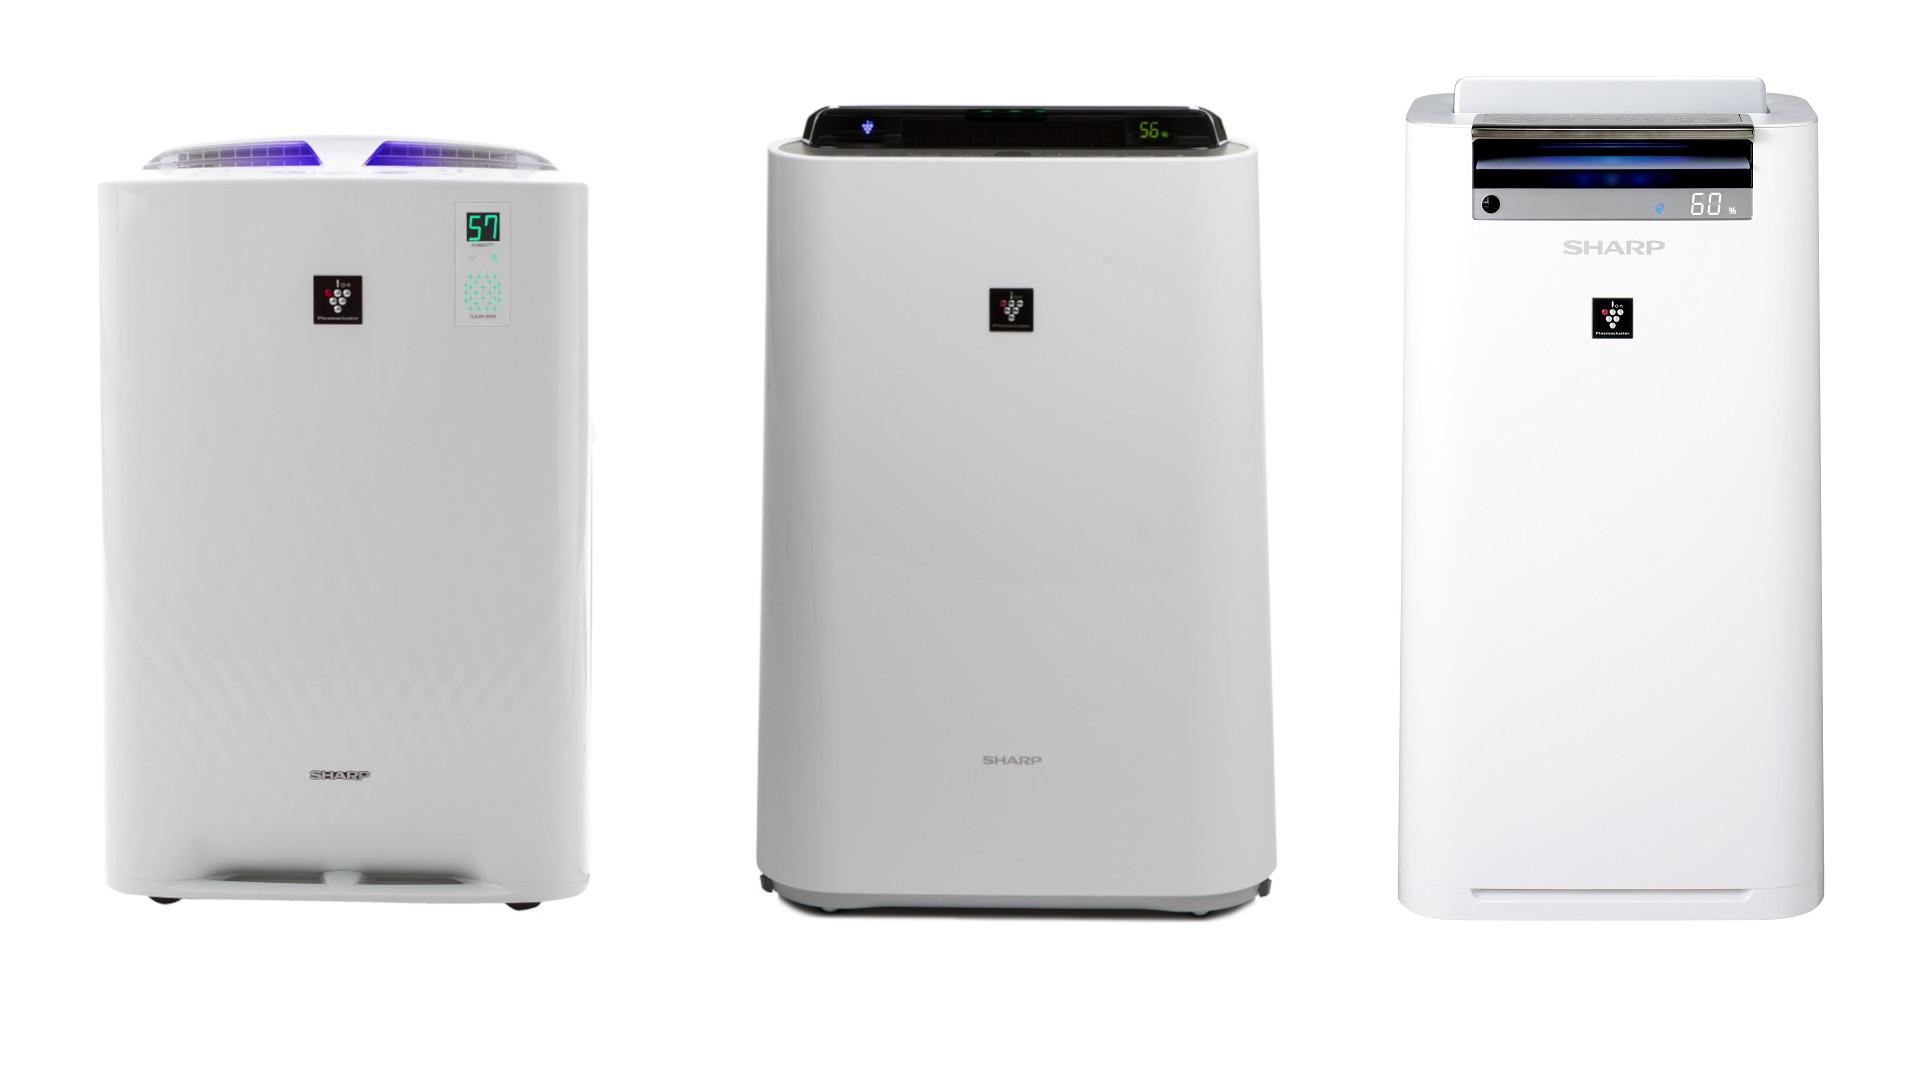 Porównanie oczyszczaczy powietrza Sharp KC-A, KC-D i KC-G - oczyszczacz najlepszym sposobem na czyste powietrze w domu